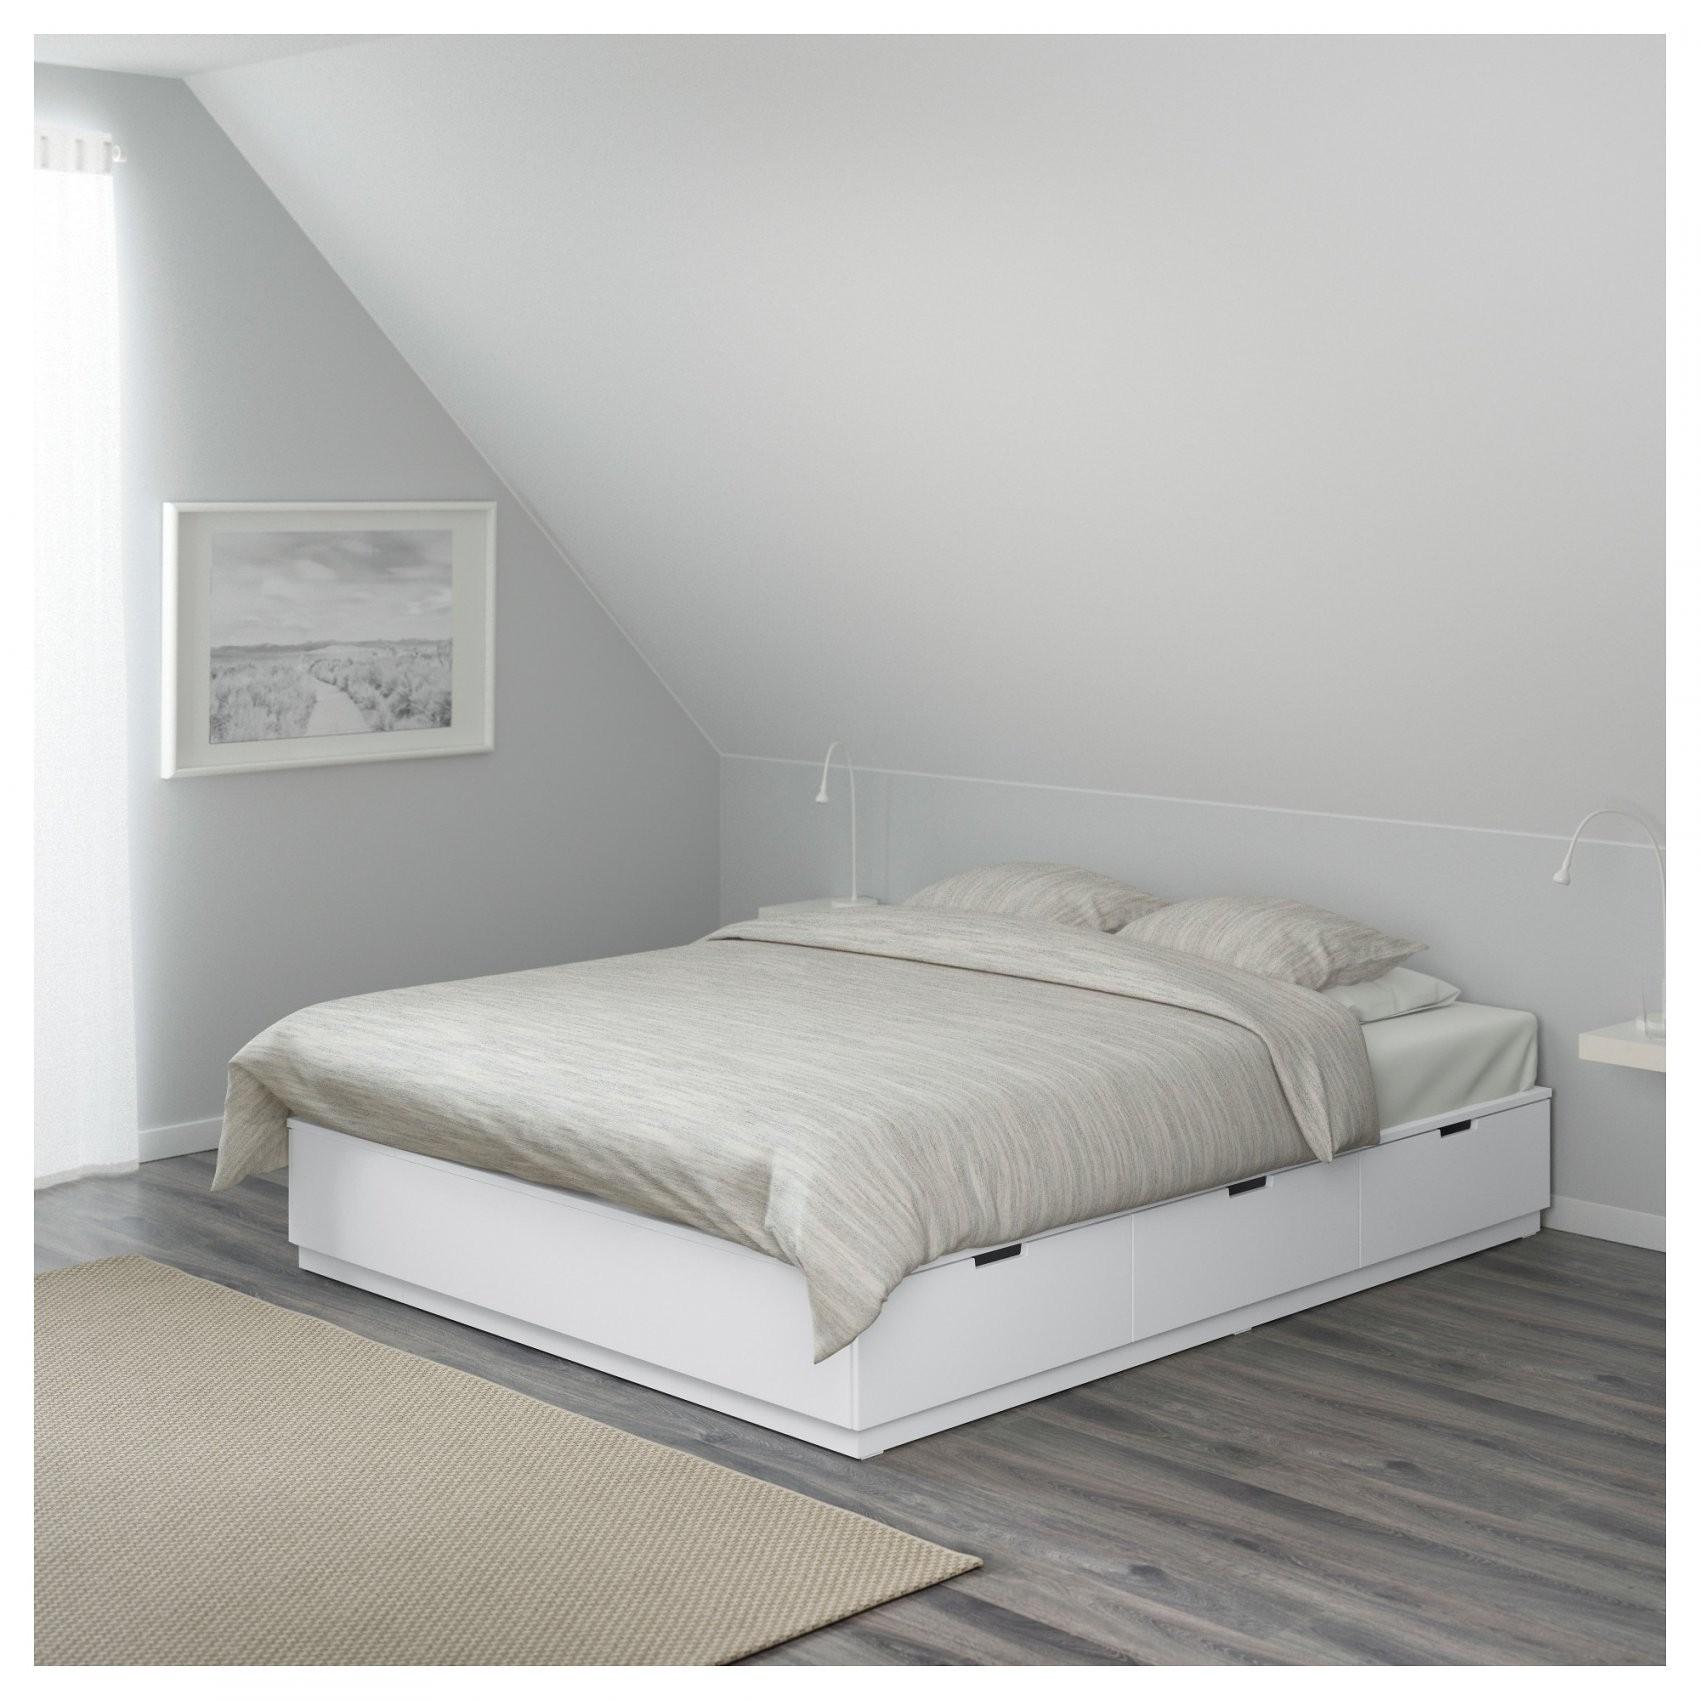 Nordli Bettgestell Mit Schubladen Weiß von Ikea Bett Weiß 160X200 Bild